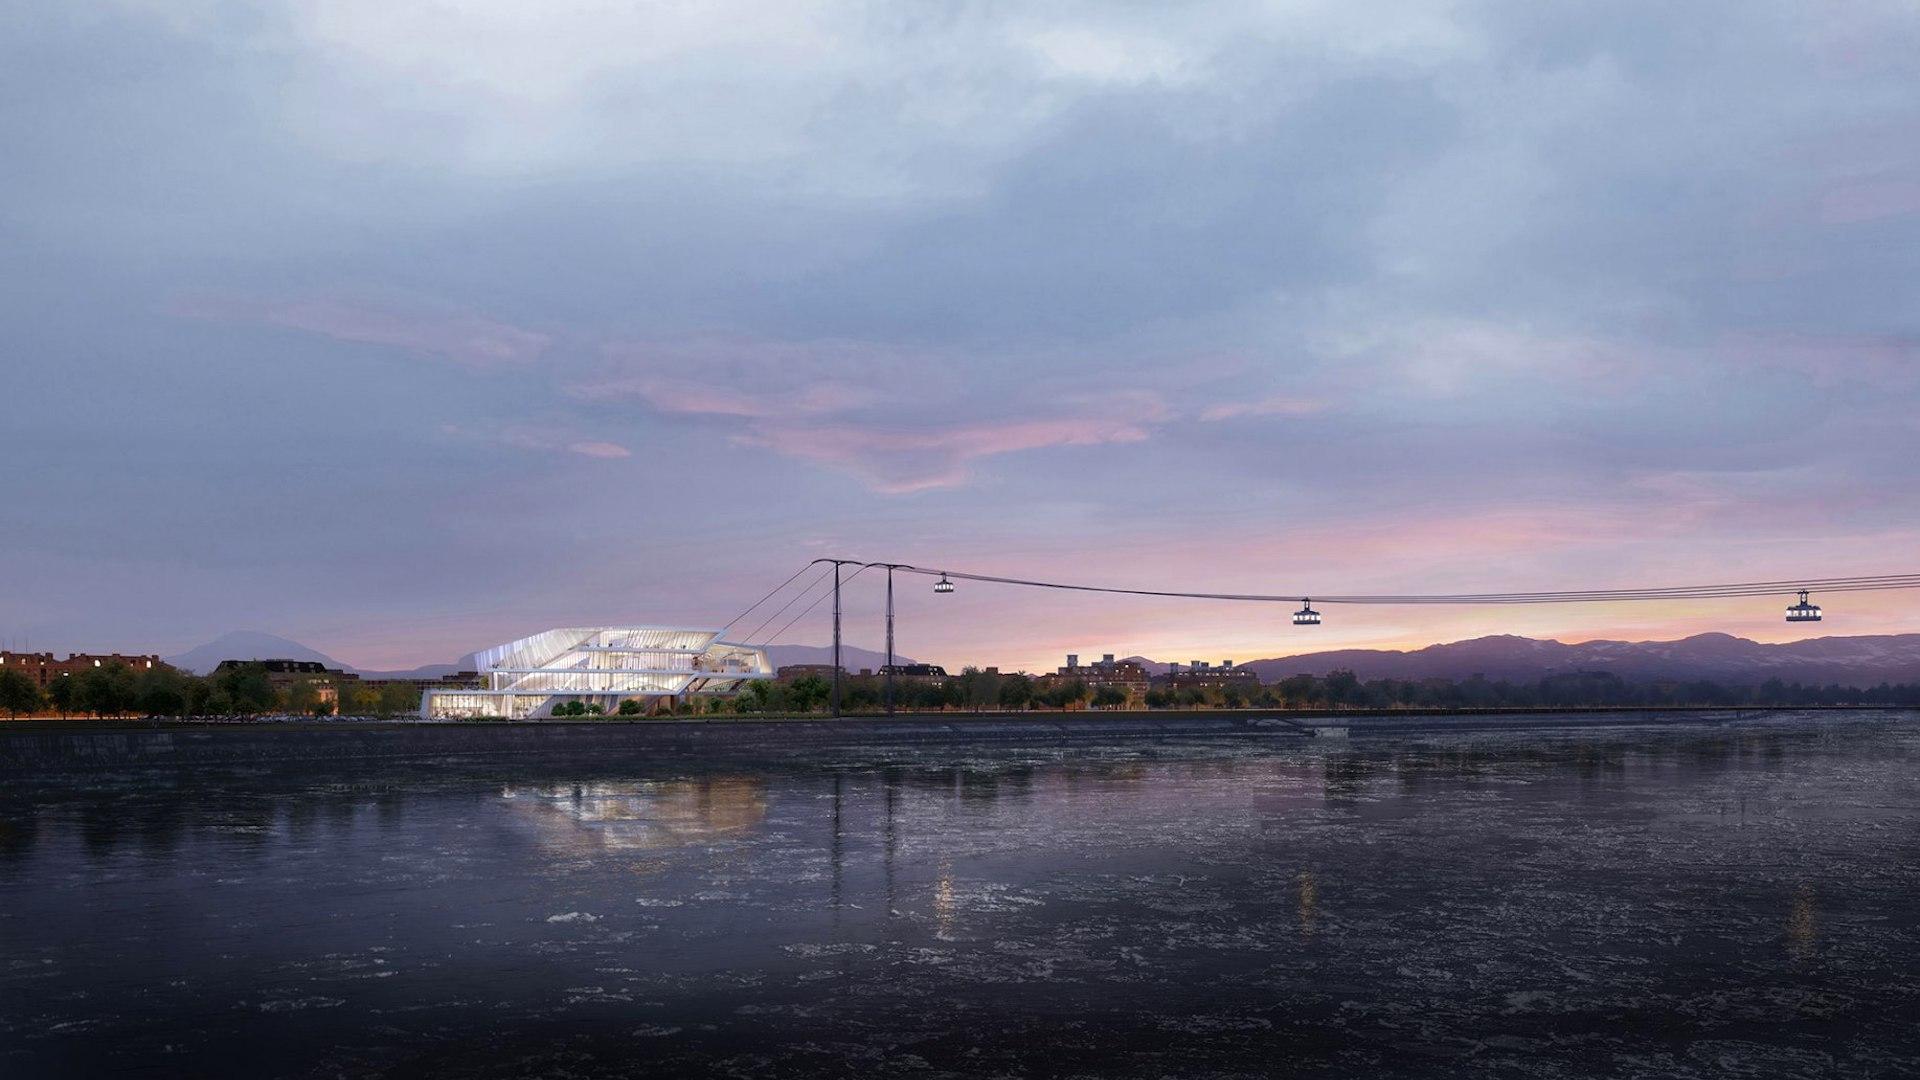 Este es el primer teleférico que viajará de Rusia a China en 8 minutos